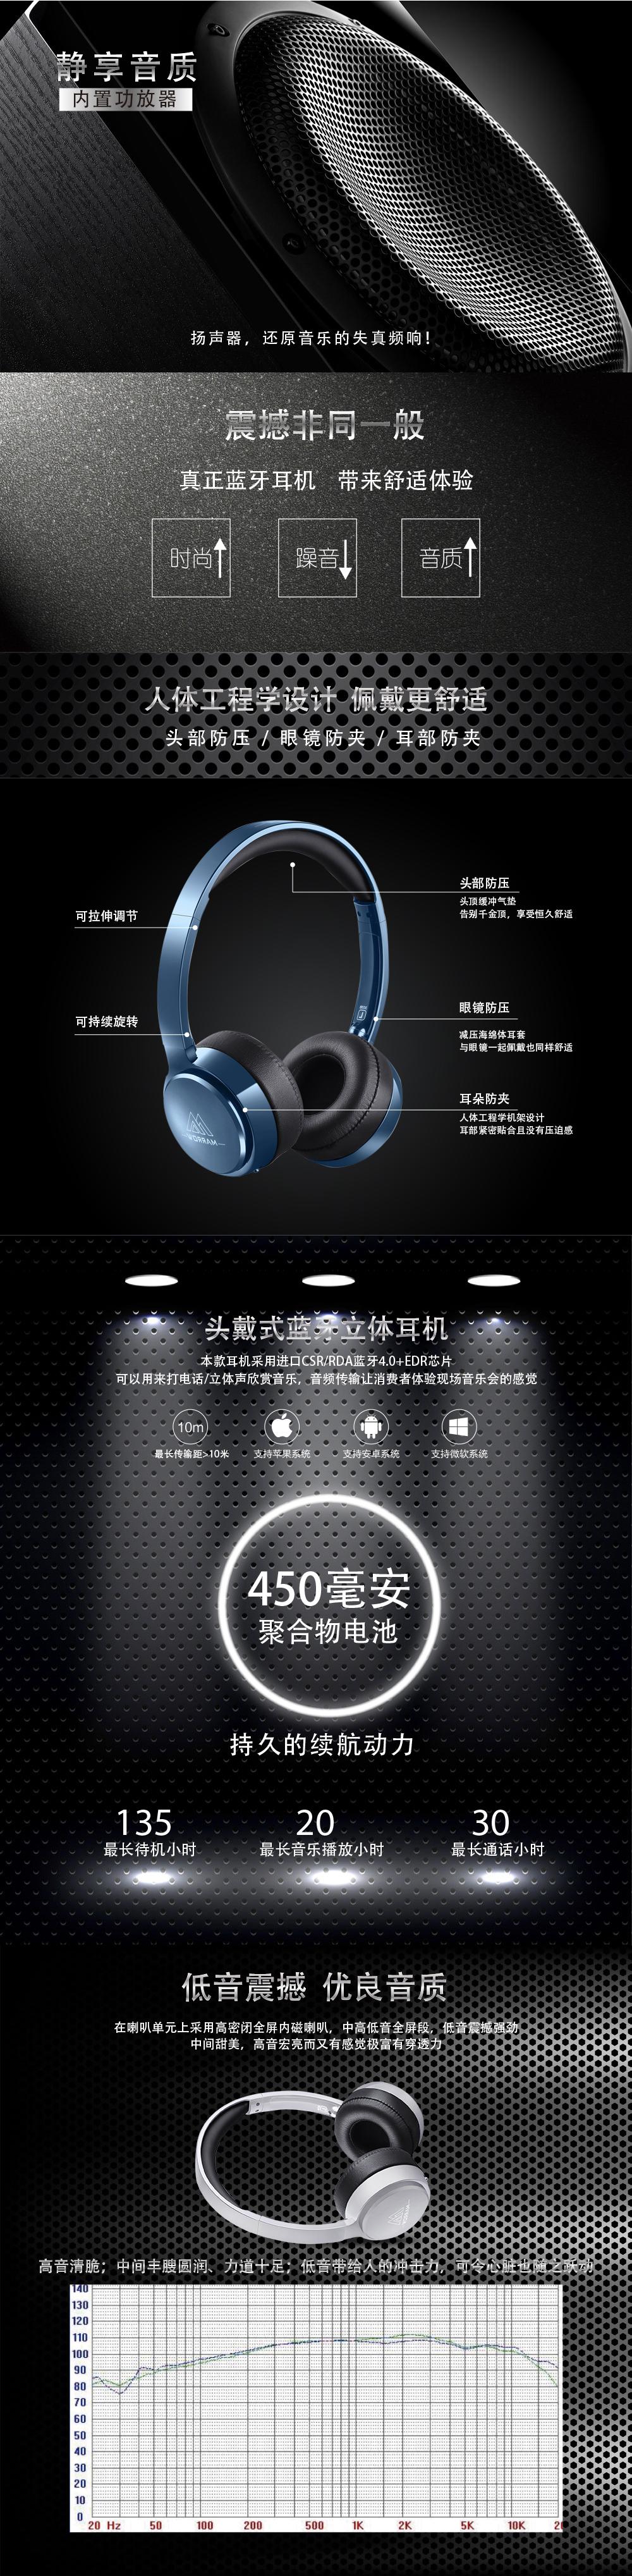 303B蓝牙耳机头戴式4.0 手机音乐无线立体声运动耳麦